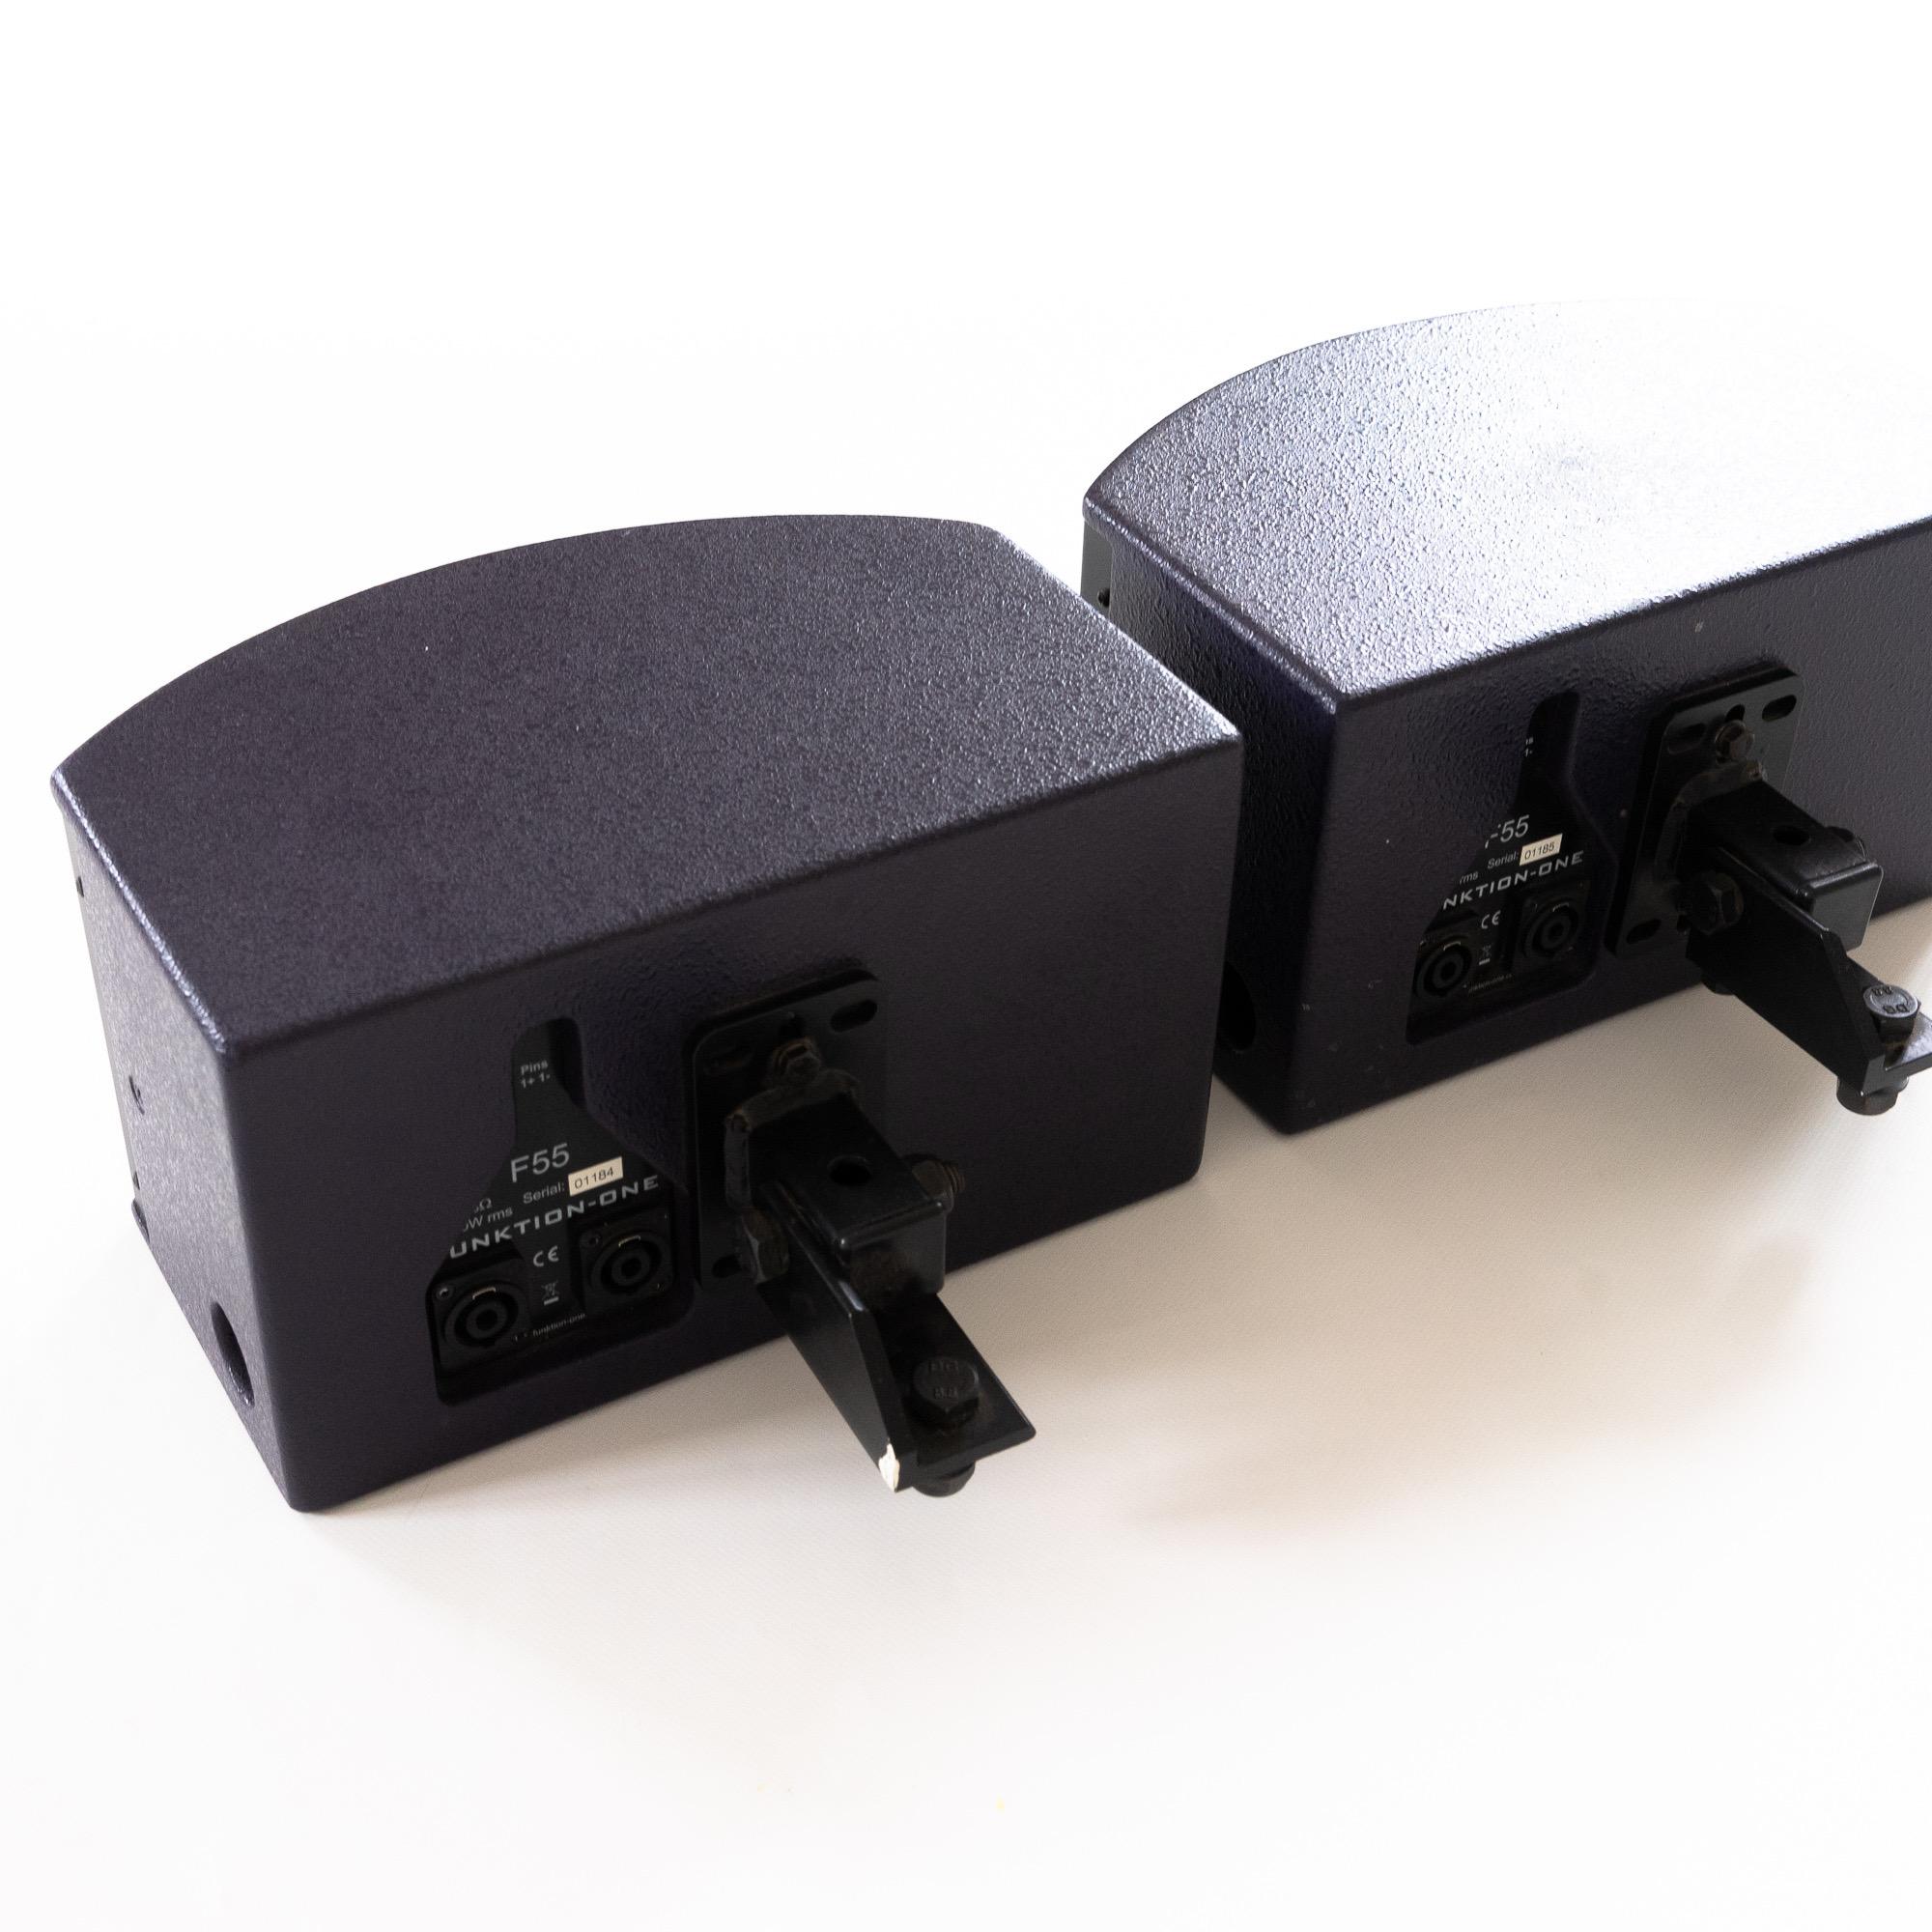 gebraucht kaufen 2er Paket: Funktion One F55